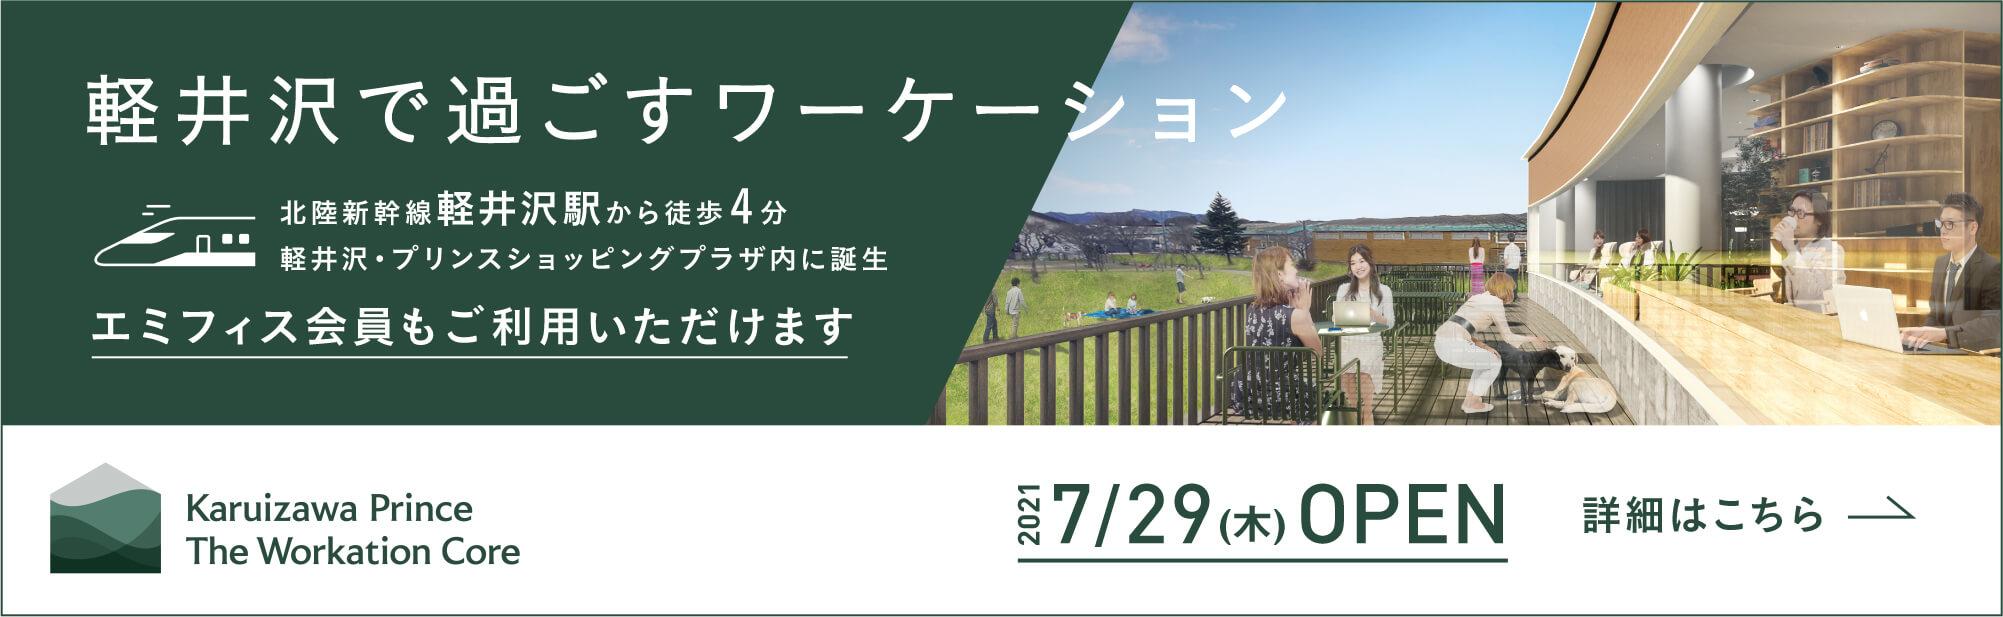 『軽井沢で過ごすワーケーション』エミフィス会員もご利用いただけます Karuizawa Prince The Workation Core 2021/7/29(木)OPEN